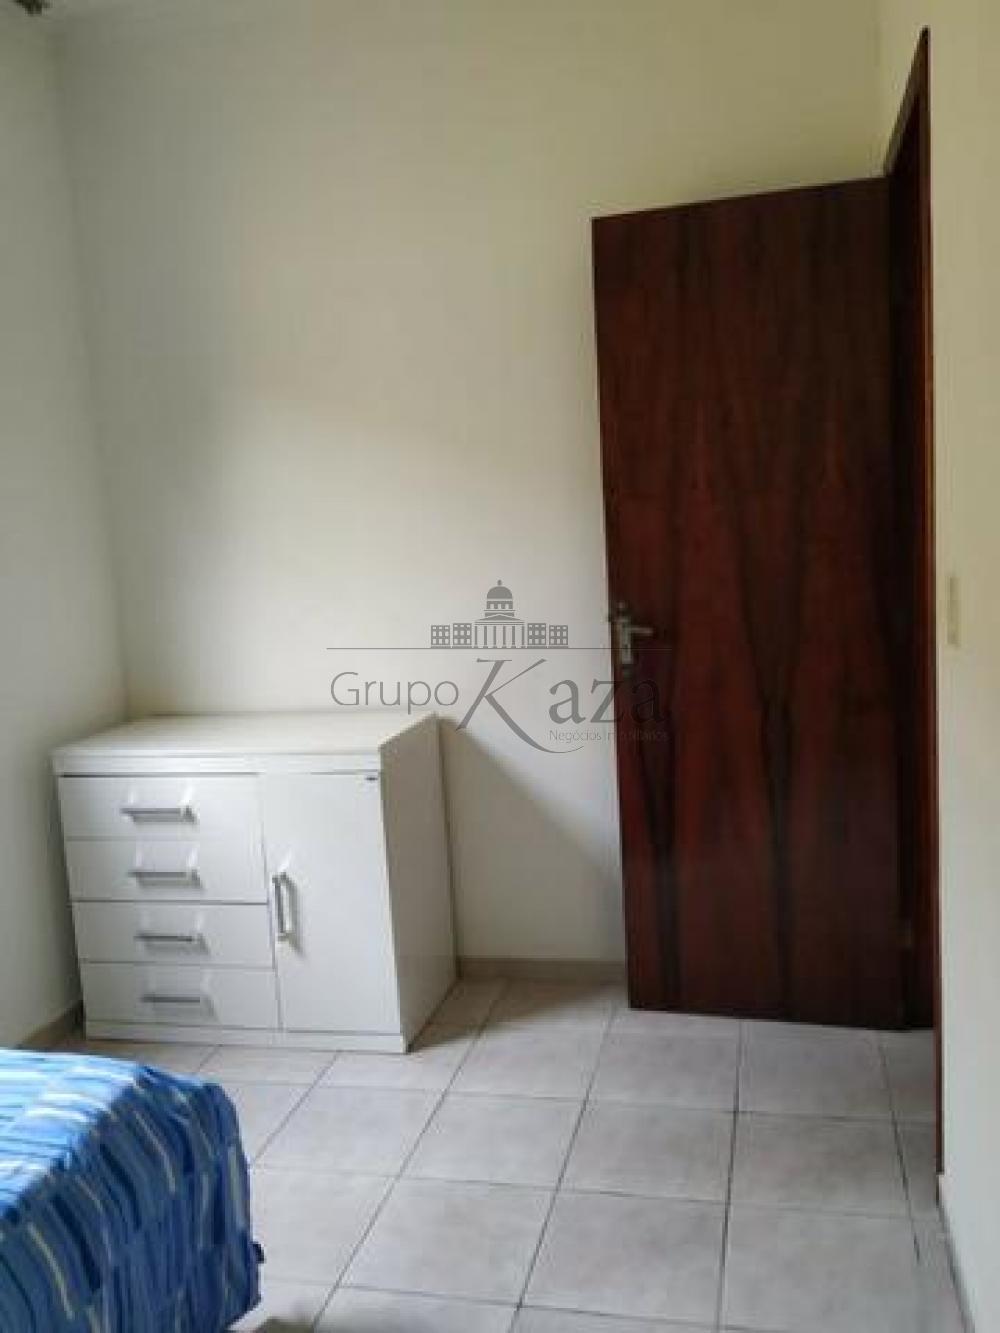 Comprar Casa / Sobrado em São José dos Campos apenas R$ 365.000,00 - Foto 8